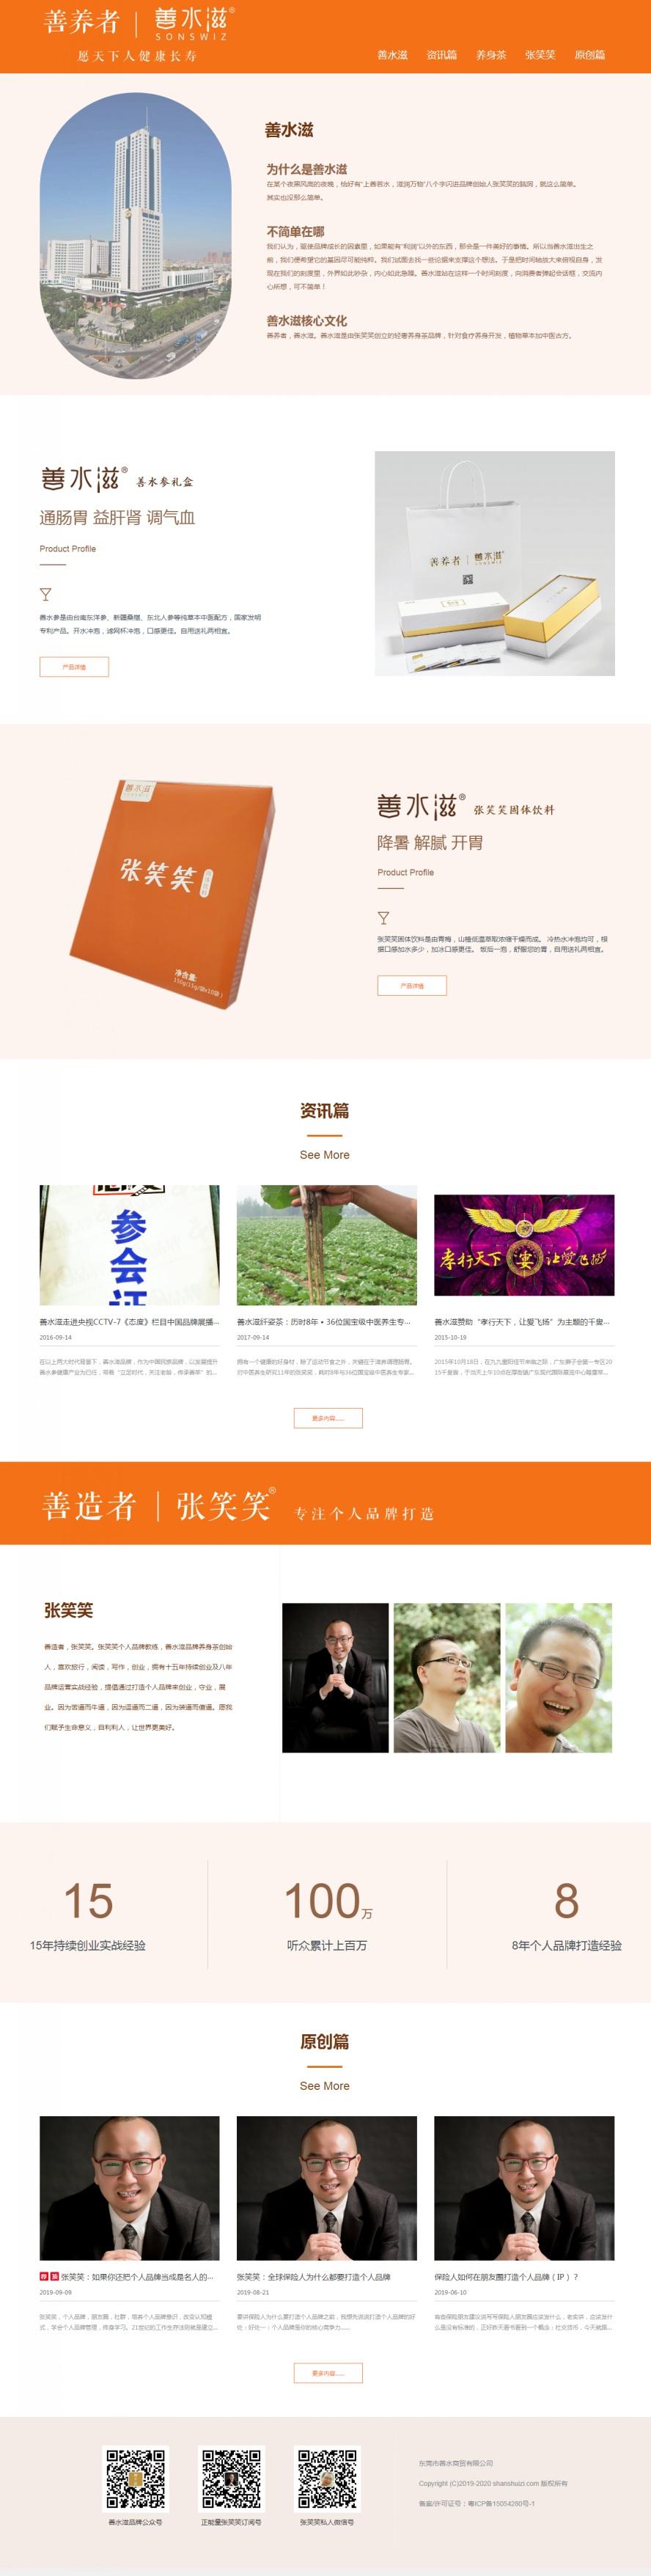 品牌网站建设案例